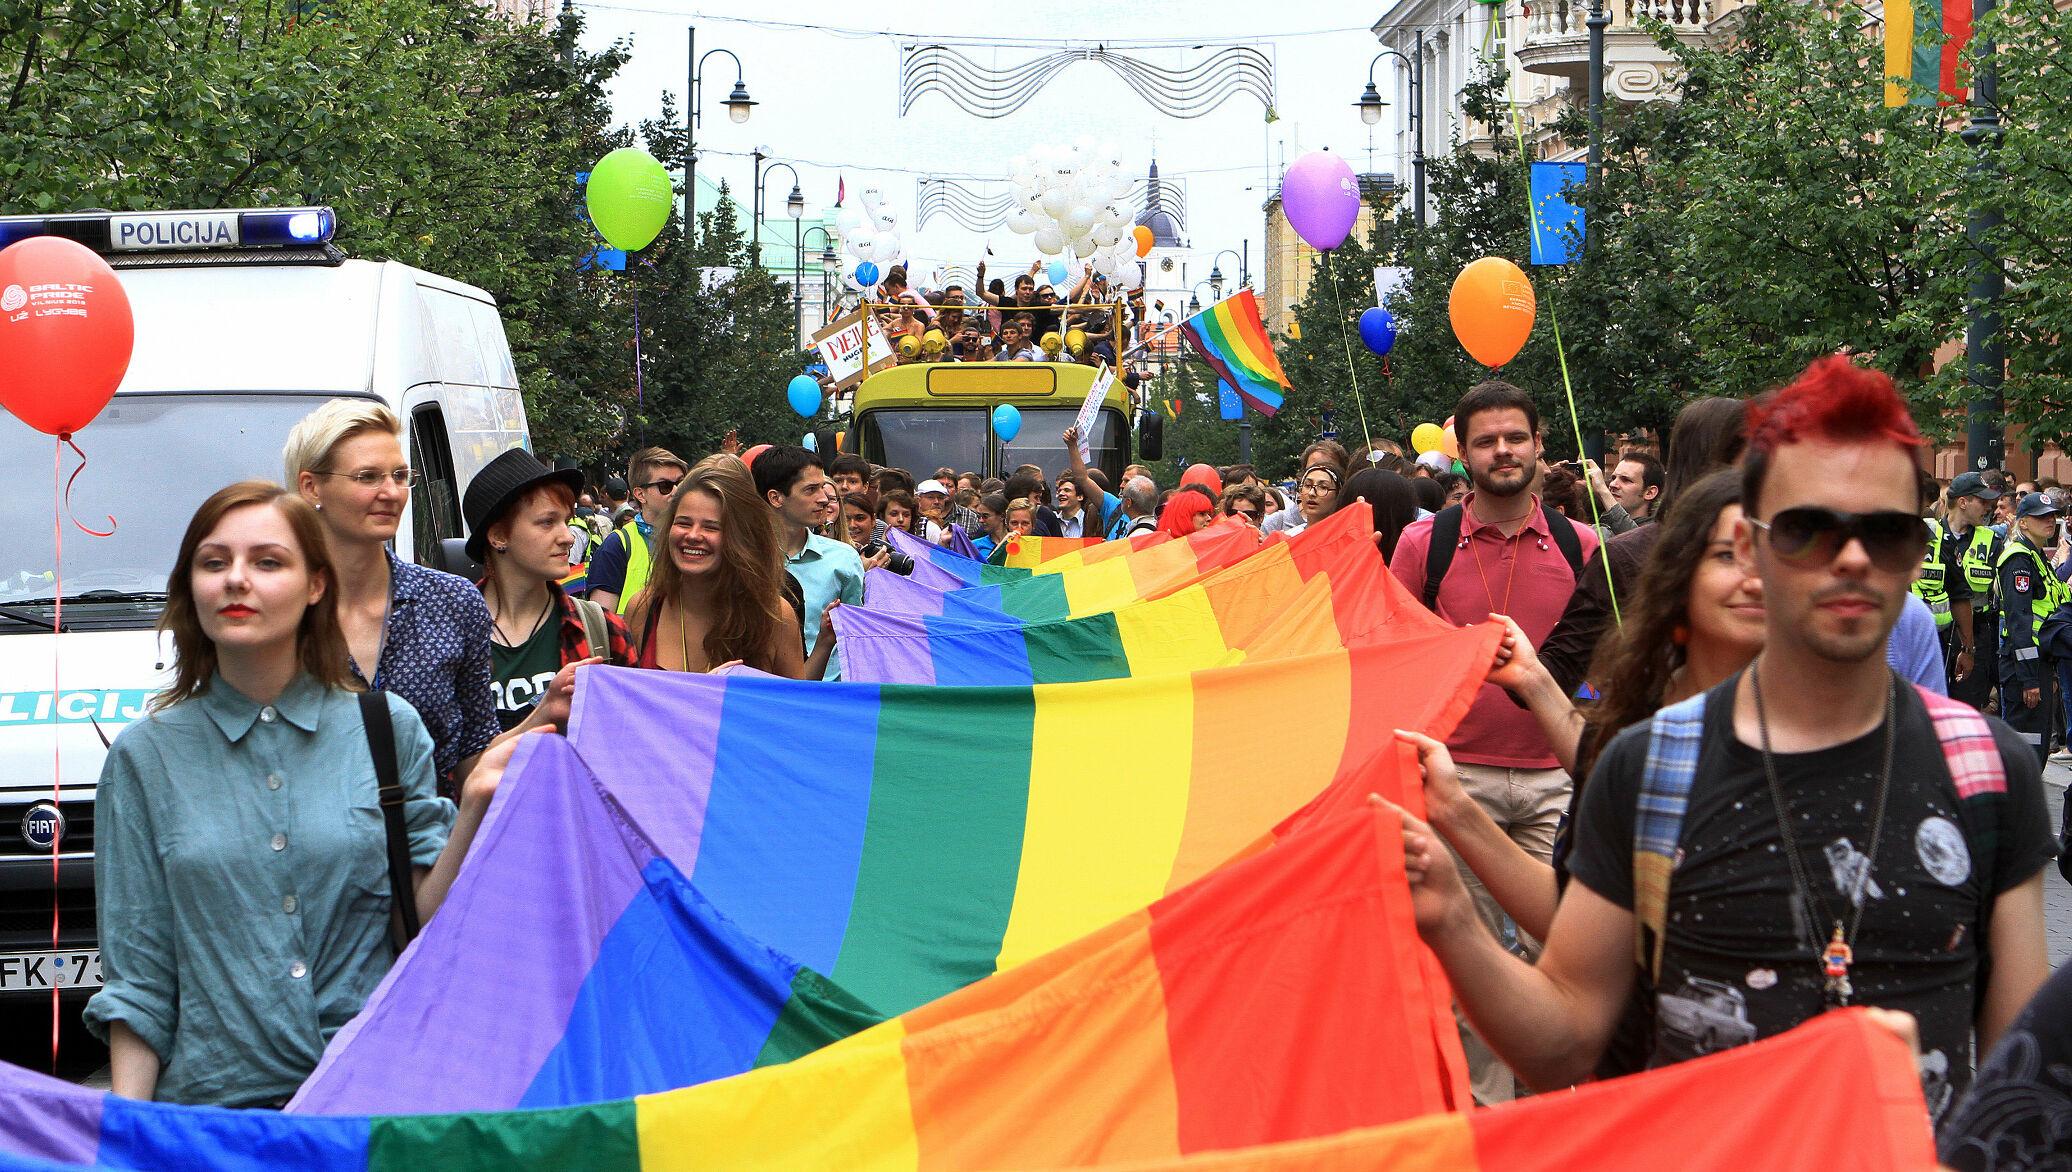 Европейская солидарность. В Литве задержали 13 противников марша ЛГБТ